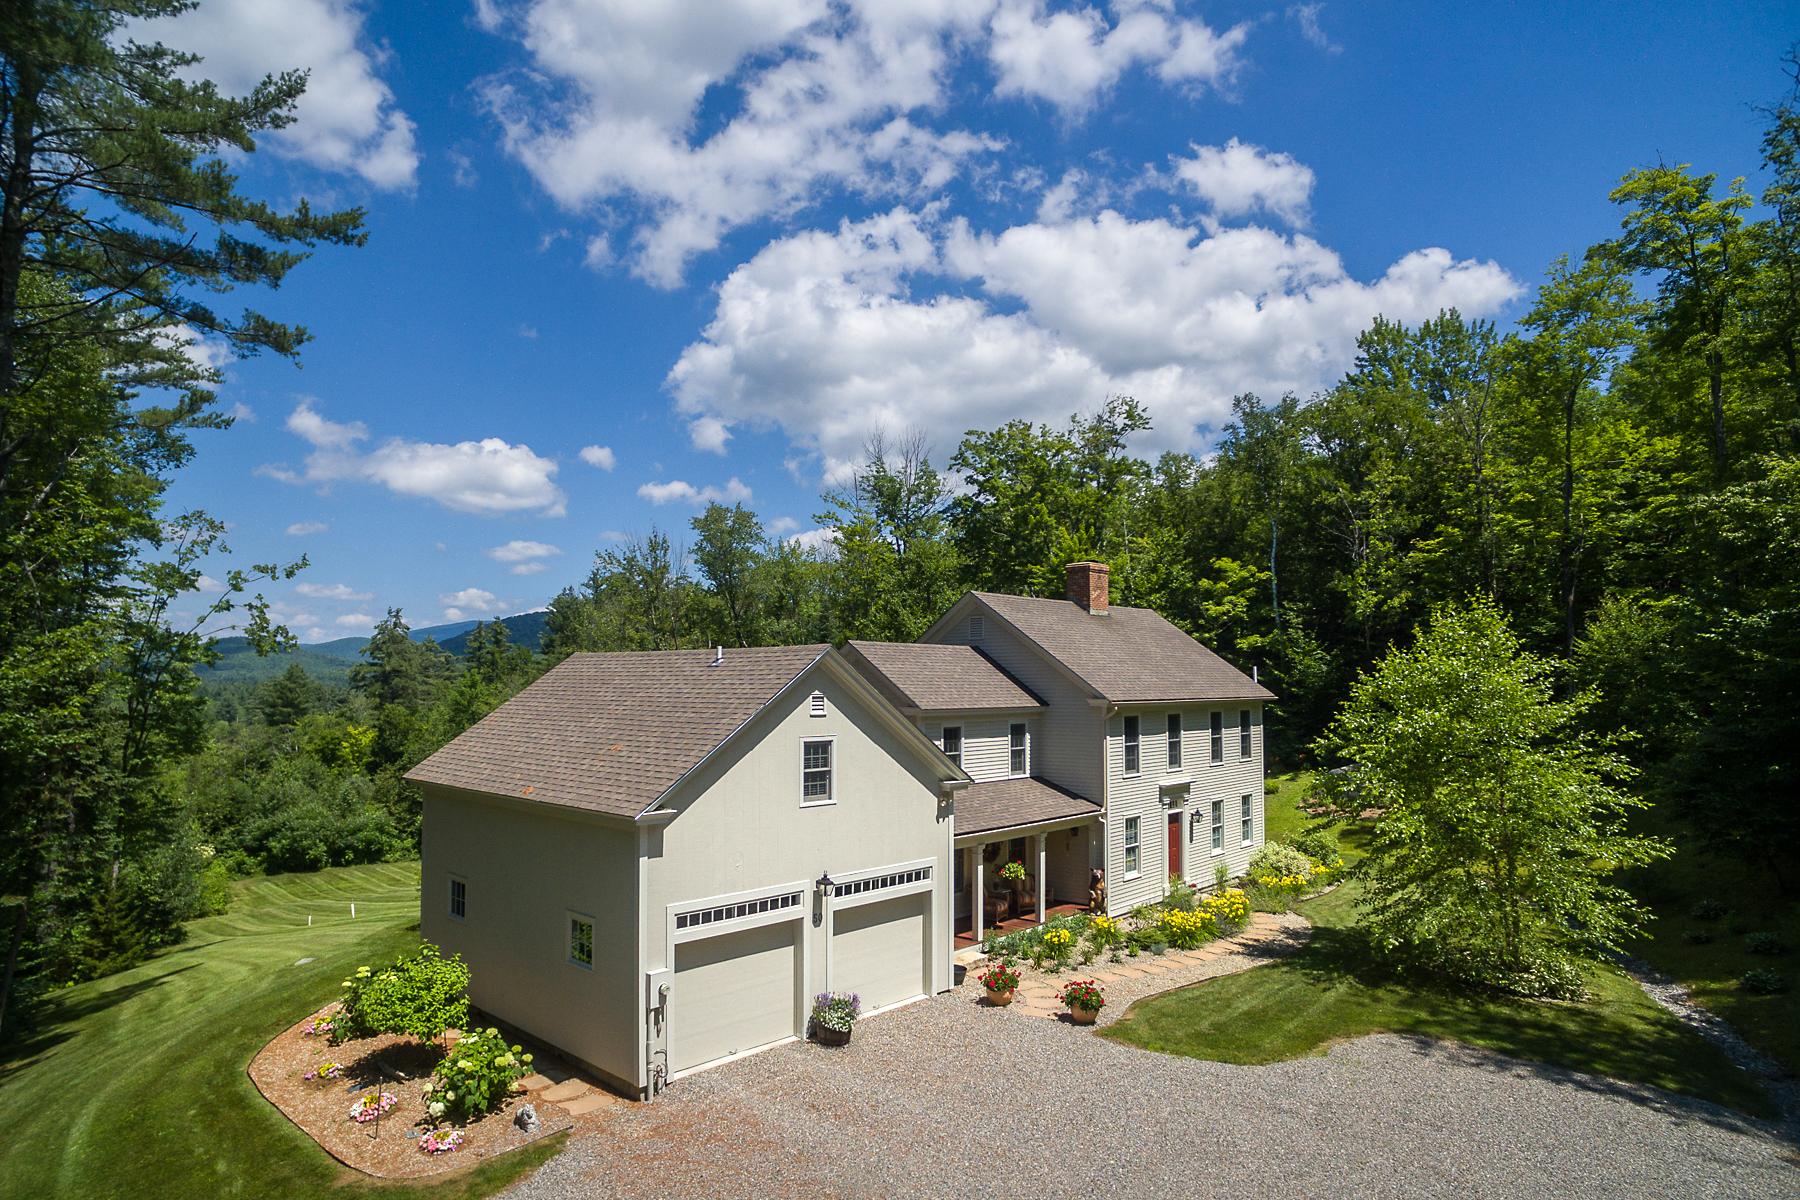 Частный односемейный дом для того Продажа на Welcome to Higher Ground! 50 Markham Ln Weston, Вермонт, 05161 Соединенные Штаты